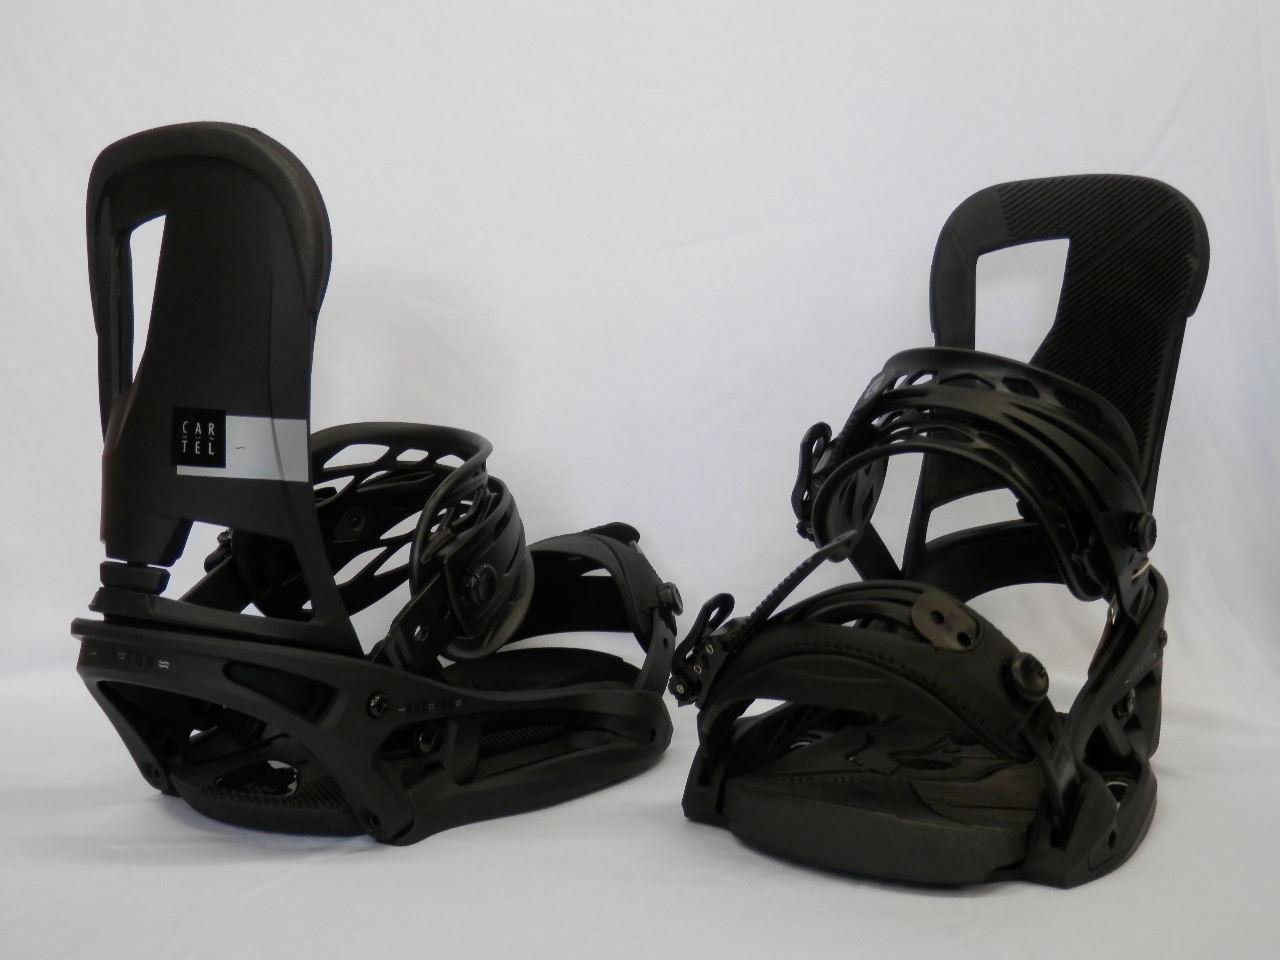 2019年モデル BURTON CARTEL EST BLACK 正規品につき2年間のメーカー保証付き